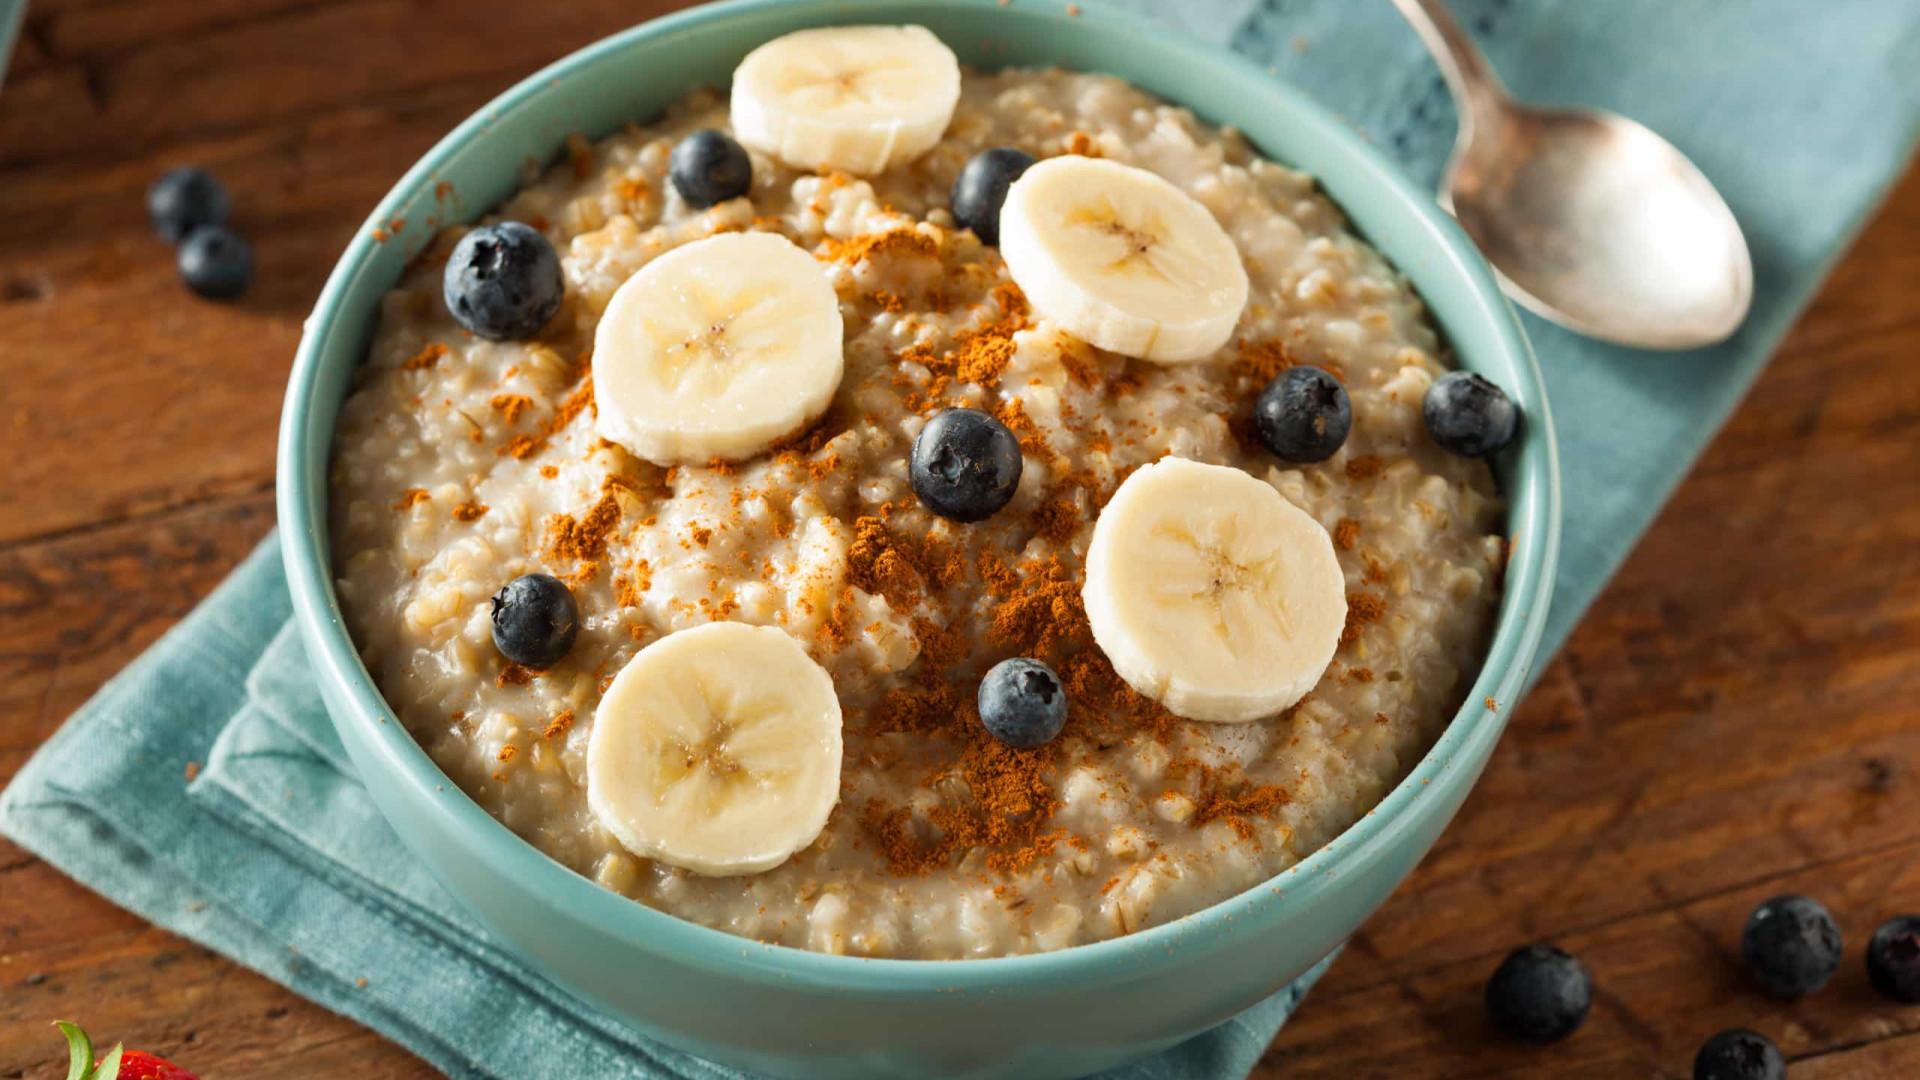 Quatro boas razões para comer aveia no café da manhã